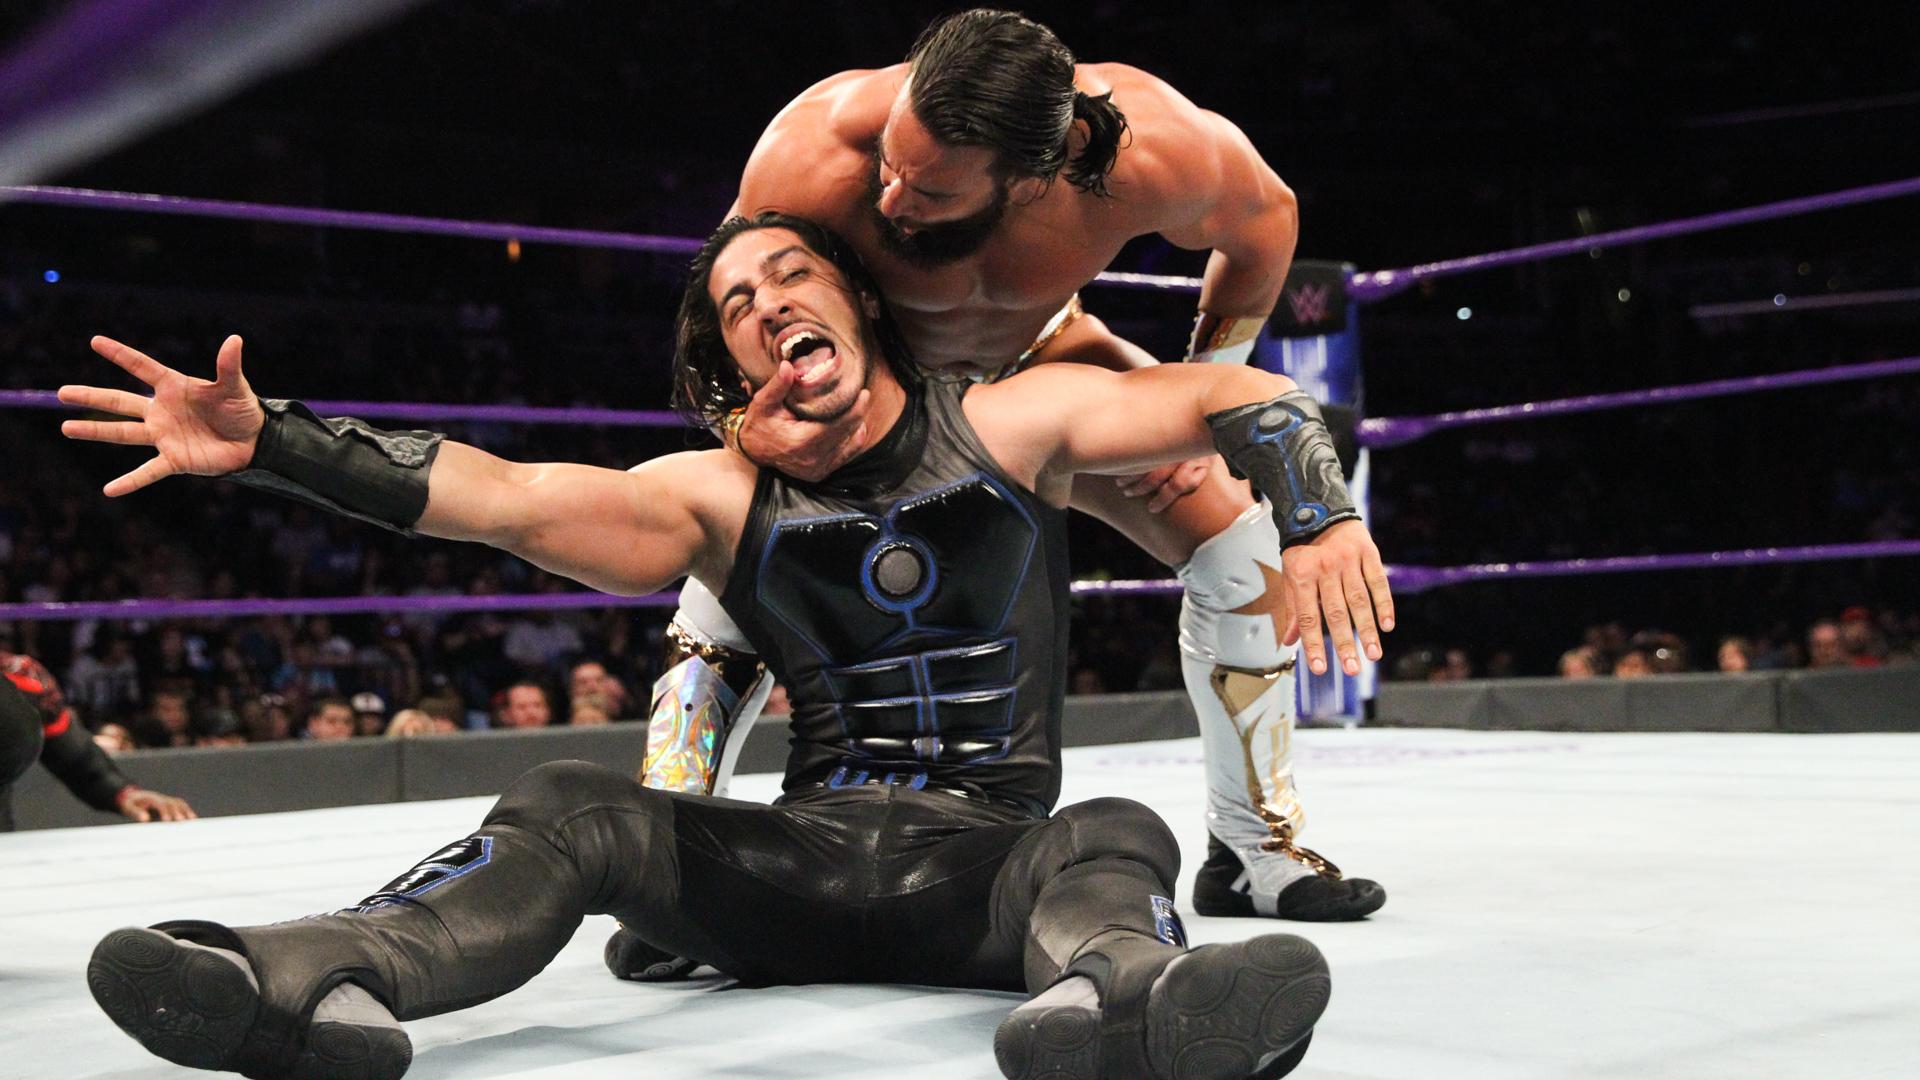 ऐसी पांच चीजें जो रॉयल रम्बल इवेंट में जरुर होनी चाहिएं, बढ़ सकती है WWE की TRP 1